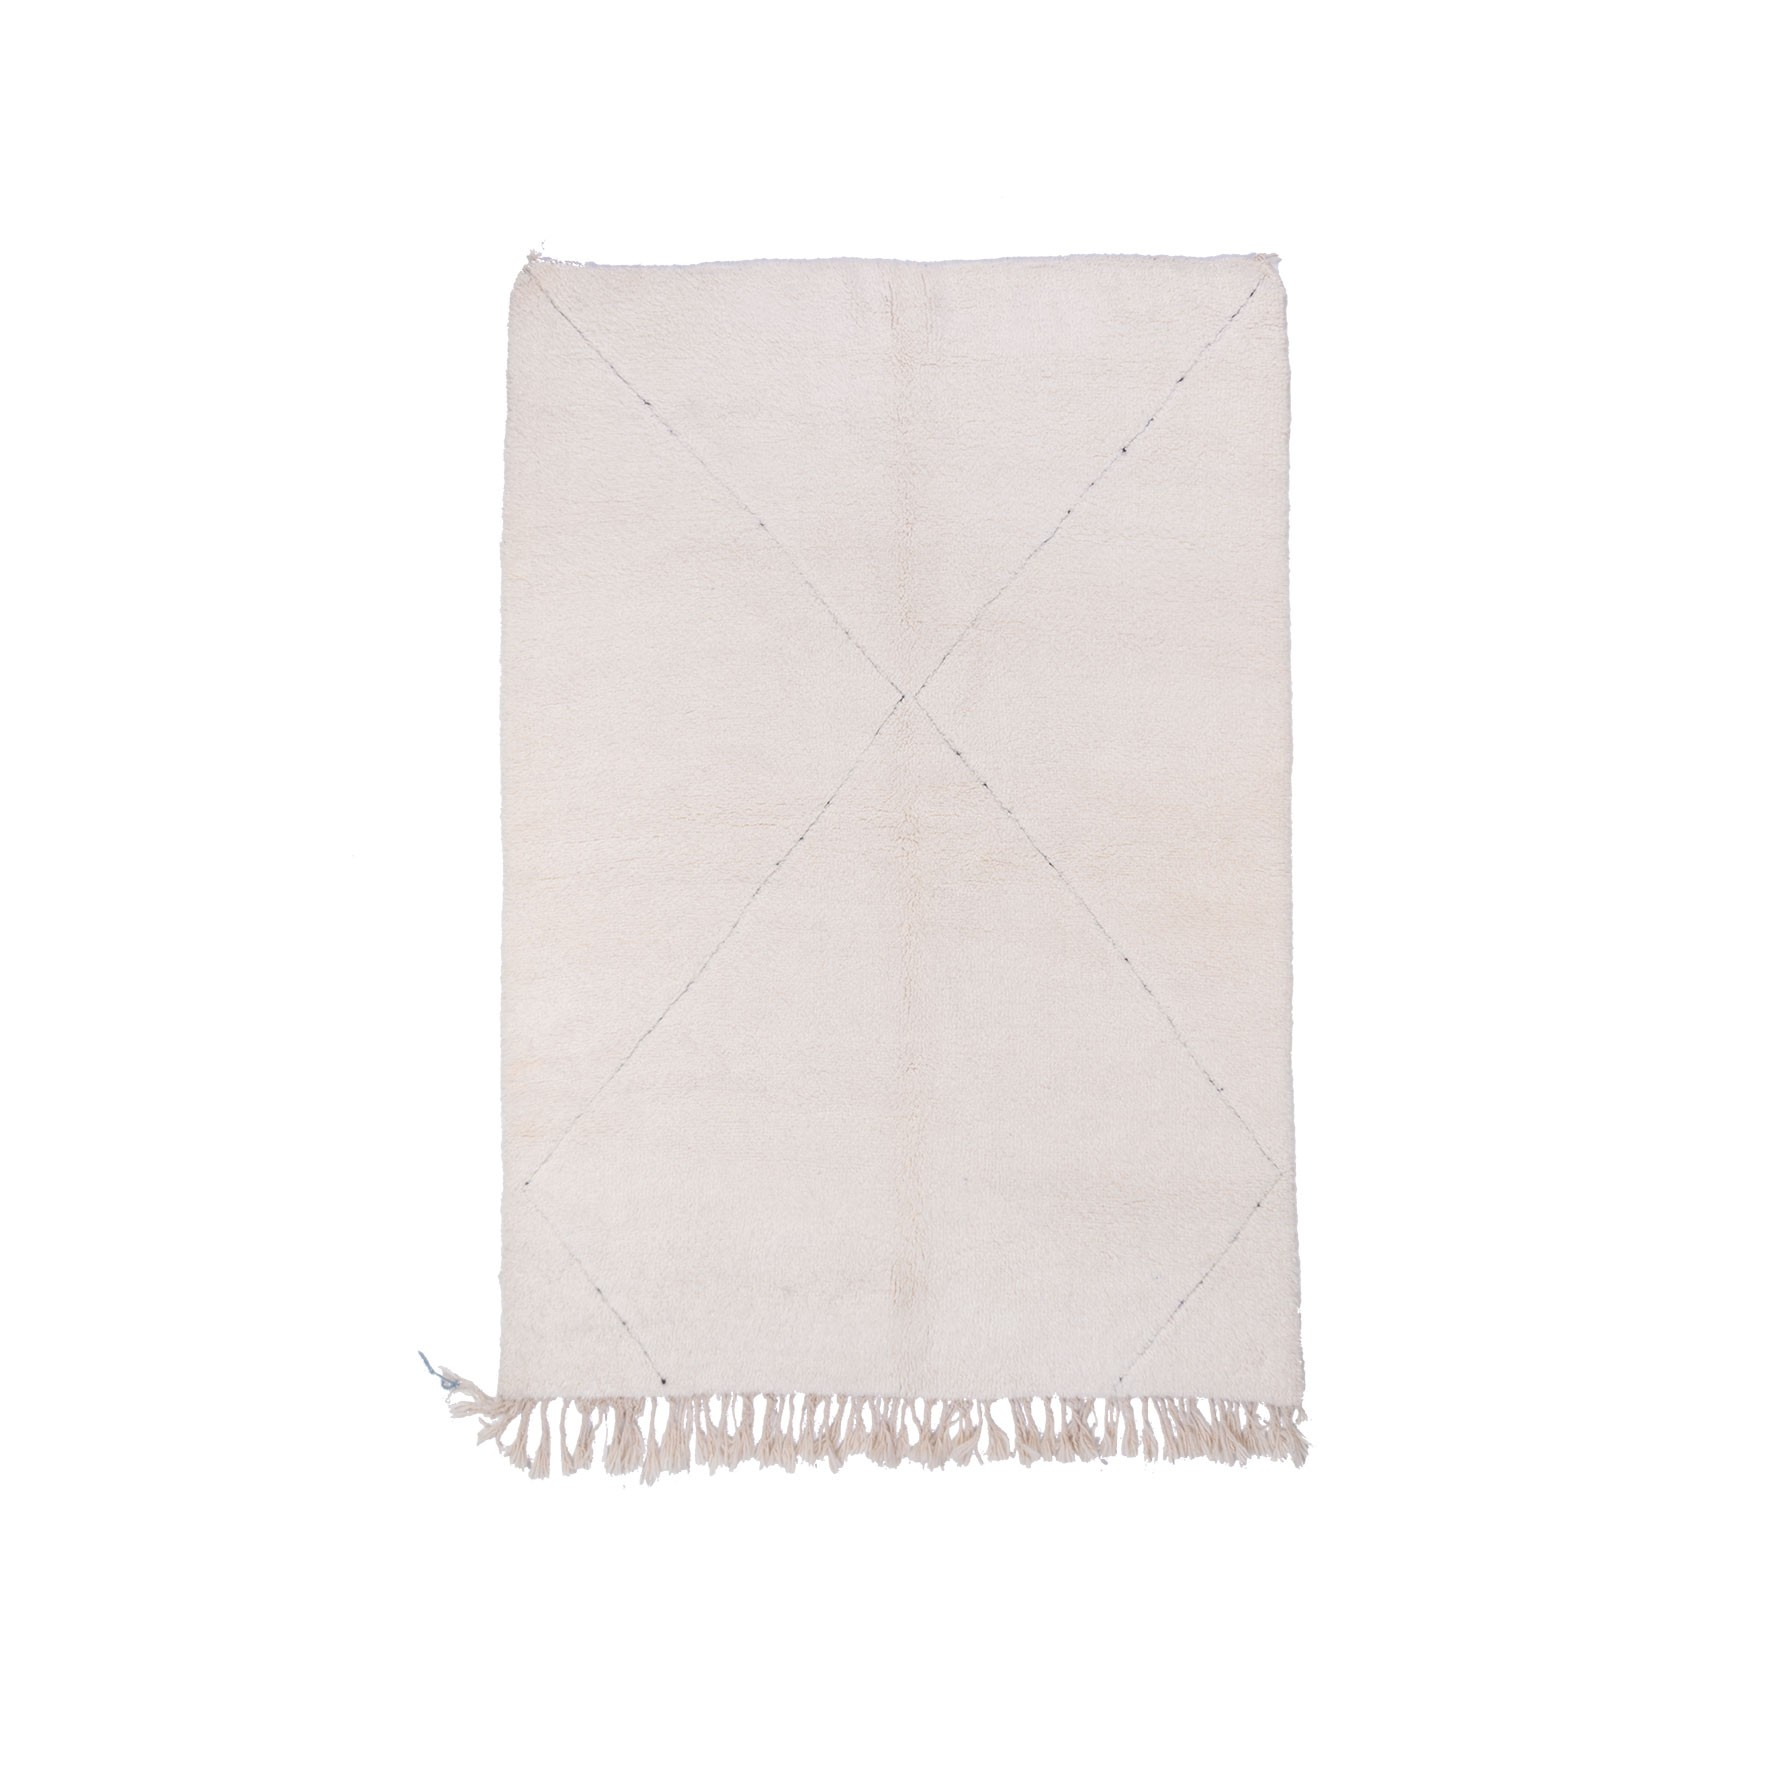 Tapis Beni Ouarain Uni Blanc motif légèrement tracé en X